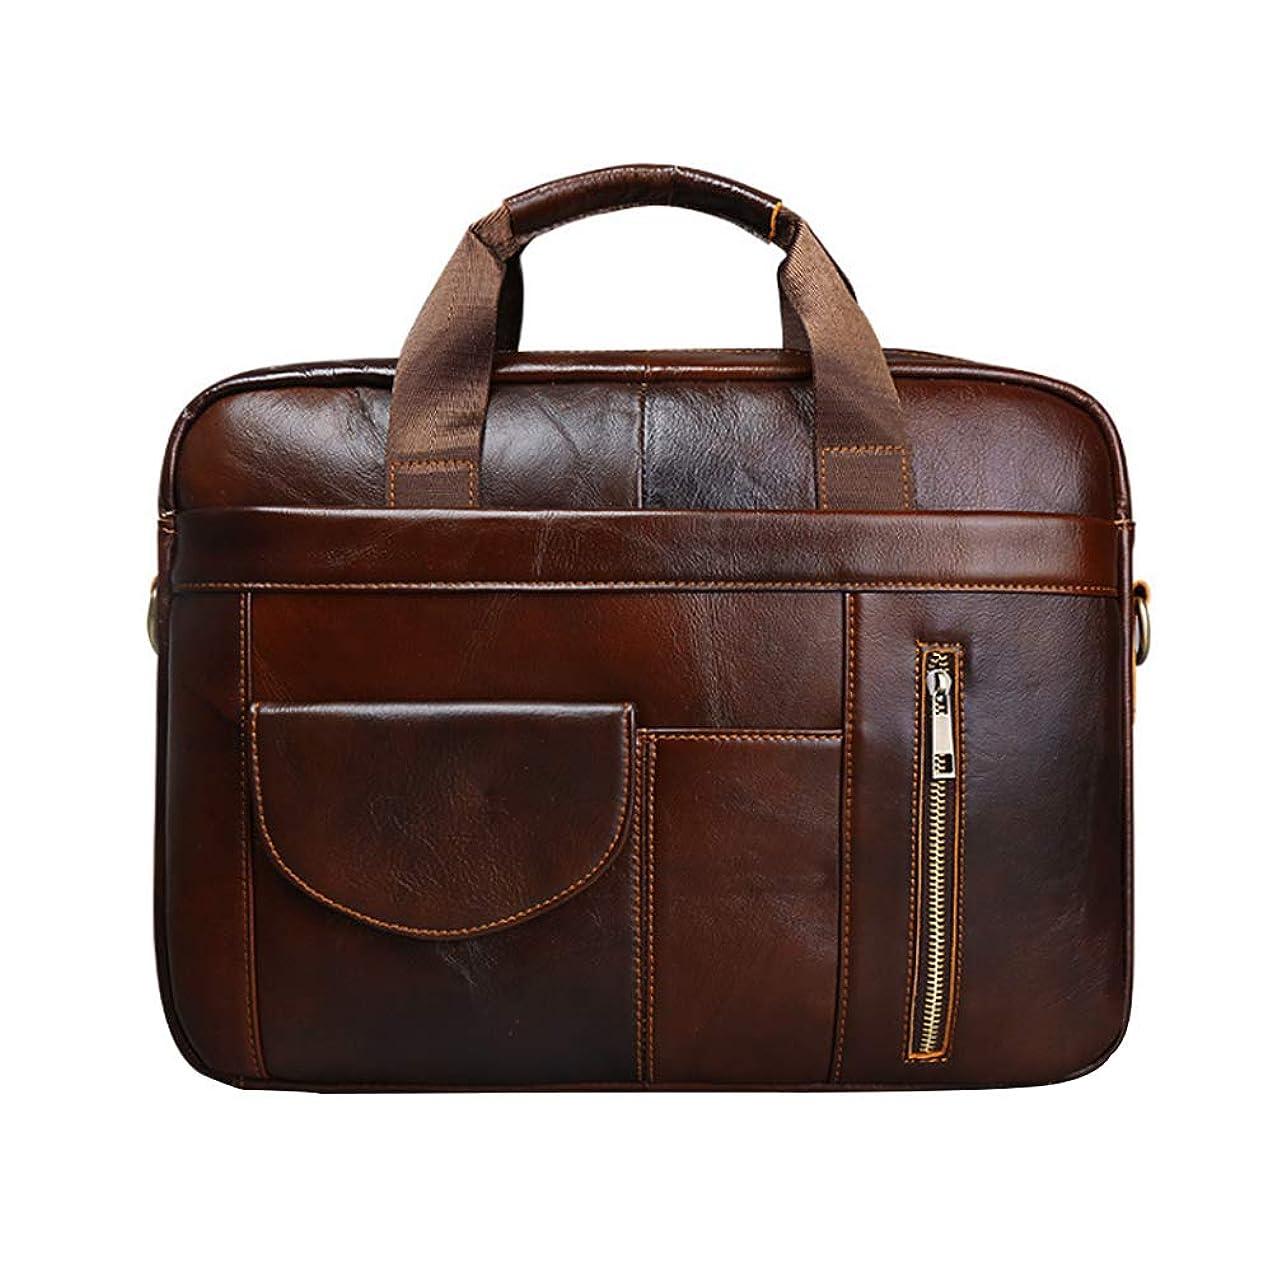 無意識規制するするだろうヴィンテージバッグの違いバッグメンズ手作りレザーバッグメンズレザーメンズバッグ